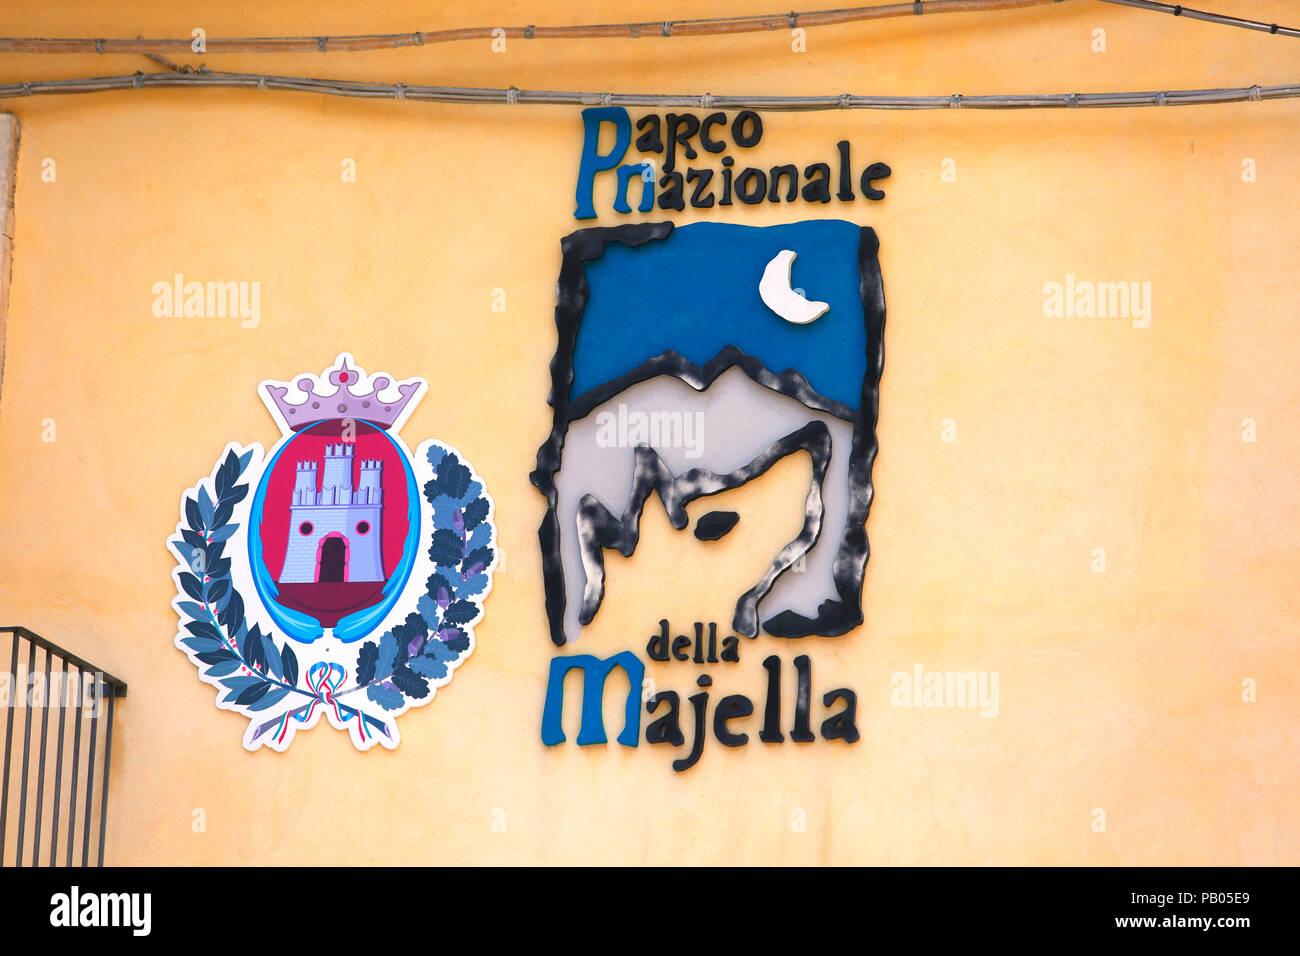 Parco Nazionale della Majella logo in Caramanico Terme. - Stock Image